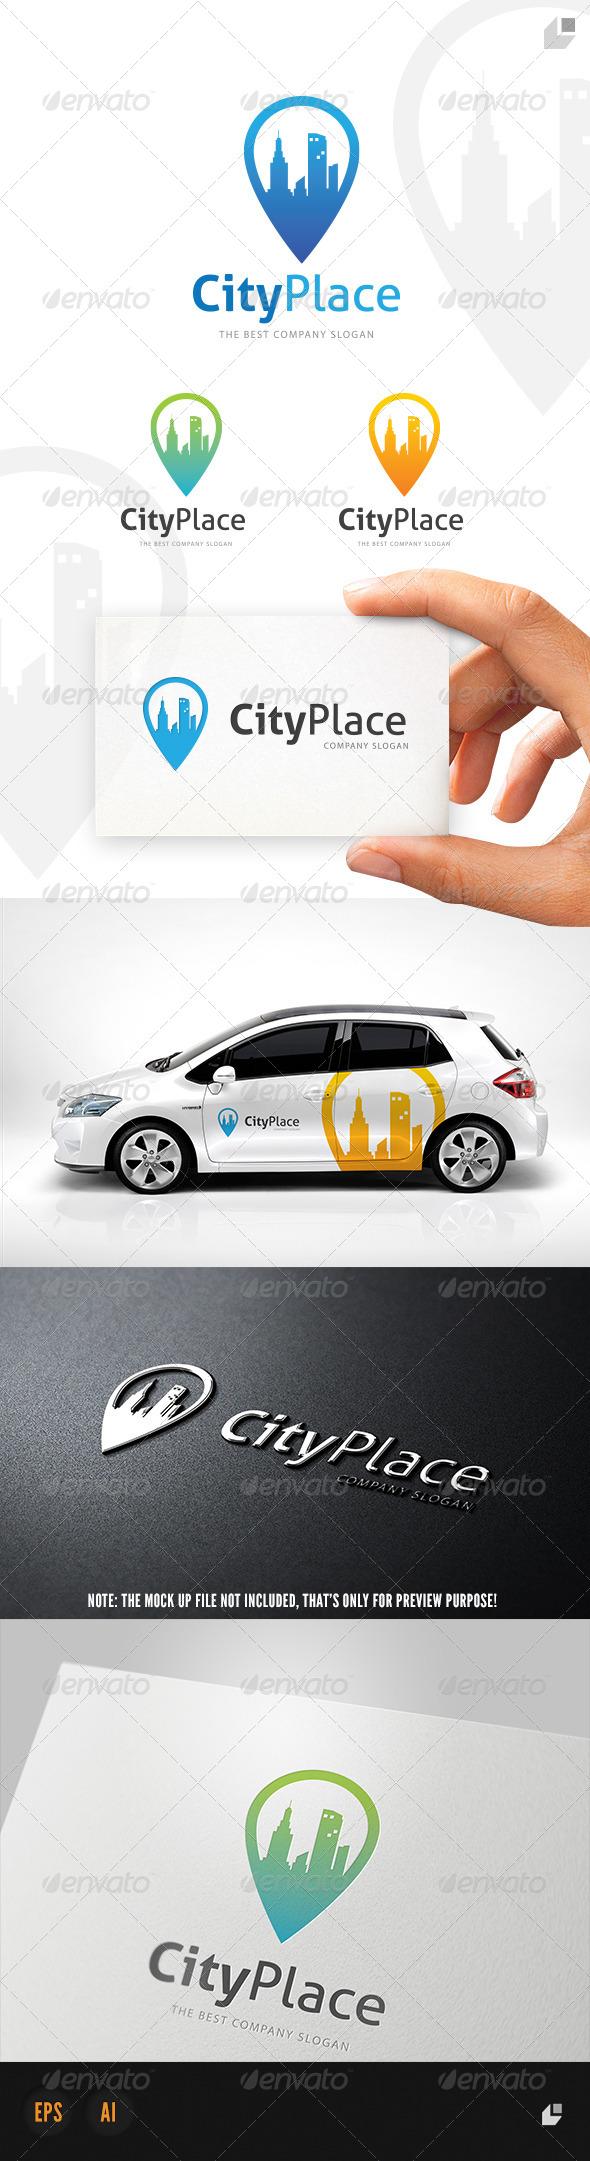 GraphicRiver City Place Logo 4808650